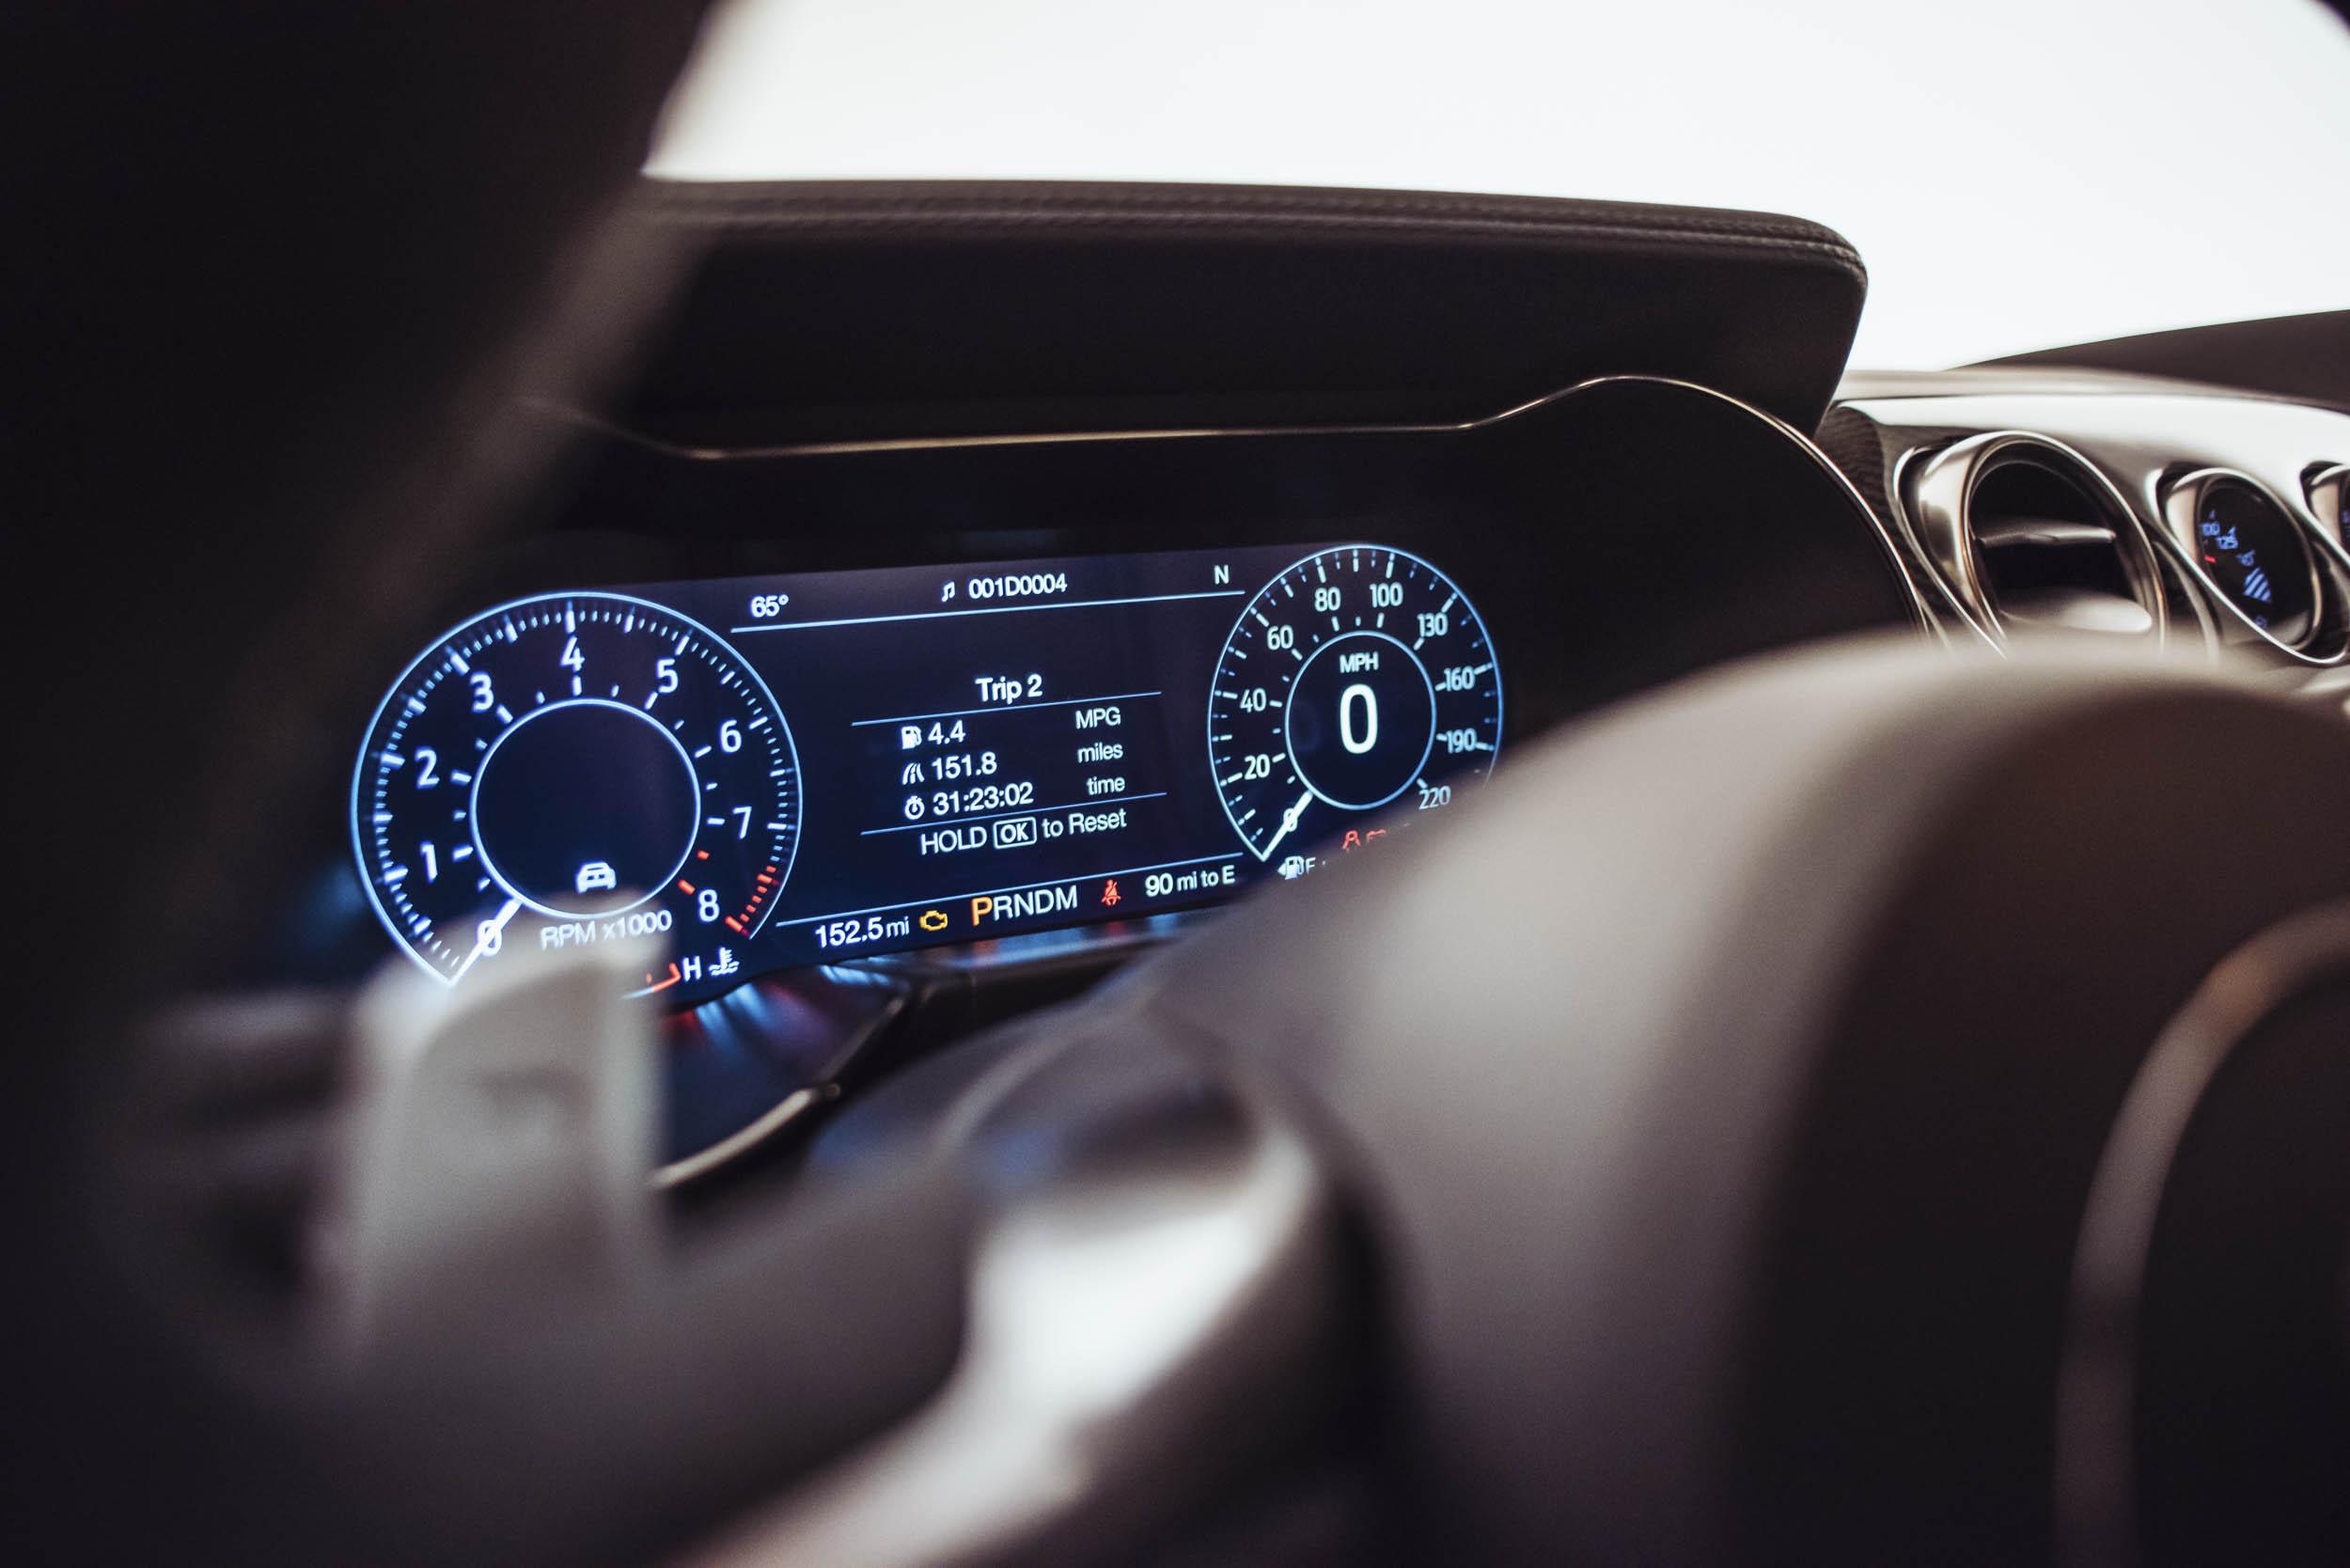 2020 Shelby GT500 gauge display